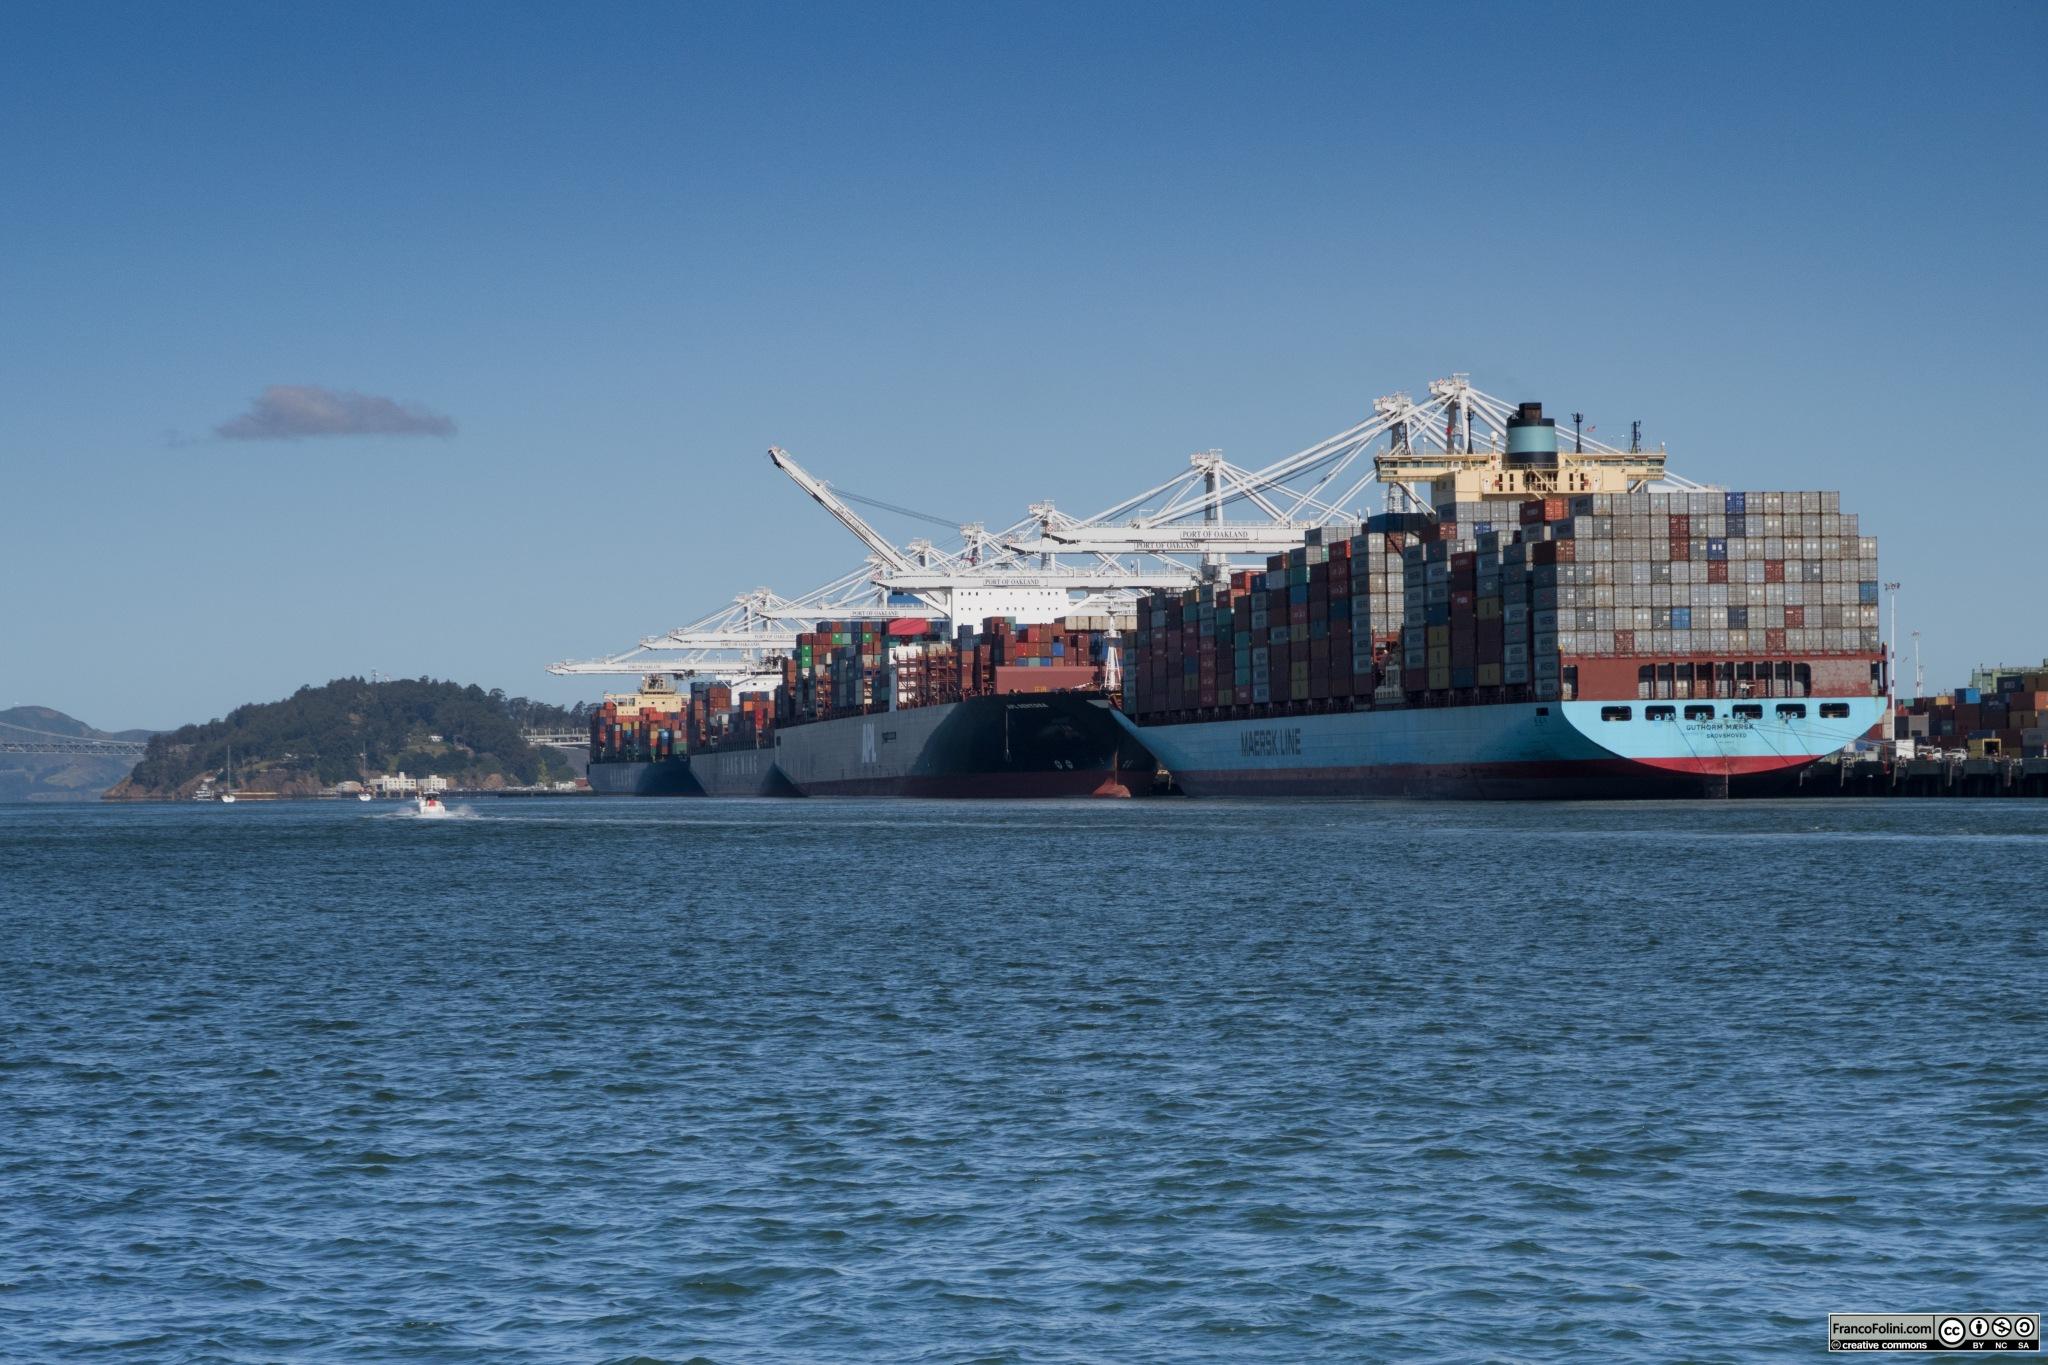 L'affollato porto di Oakland visto dall'isola di Alameda. Si notano le immancabili navi porta-container che vengono caricate e scaricate dalle immense gru bianche visibili sullo sfondo. Il porto di Oakland è il quinto porto più importante degli Stati Uniti